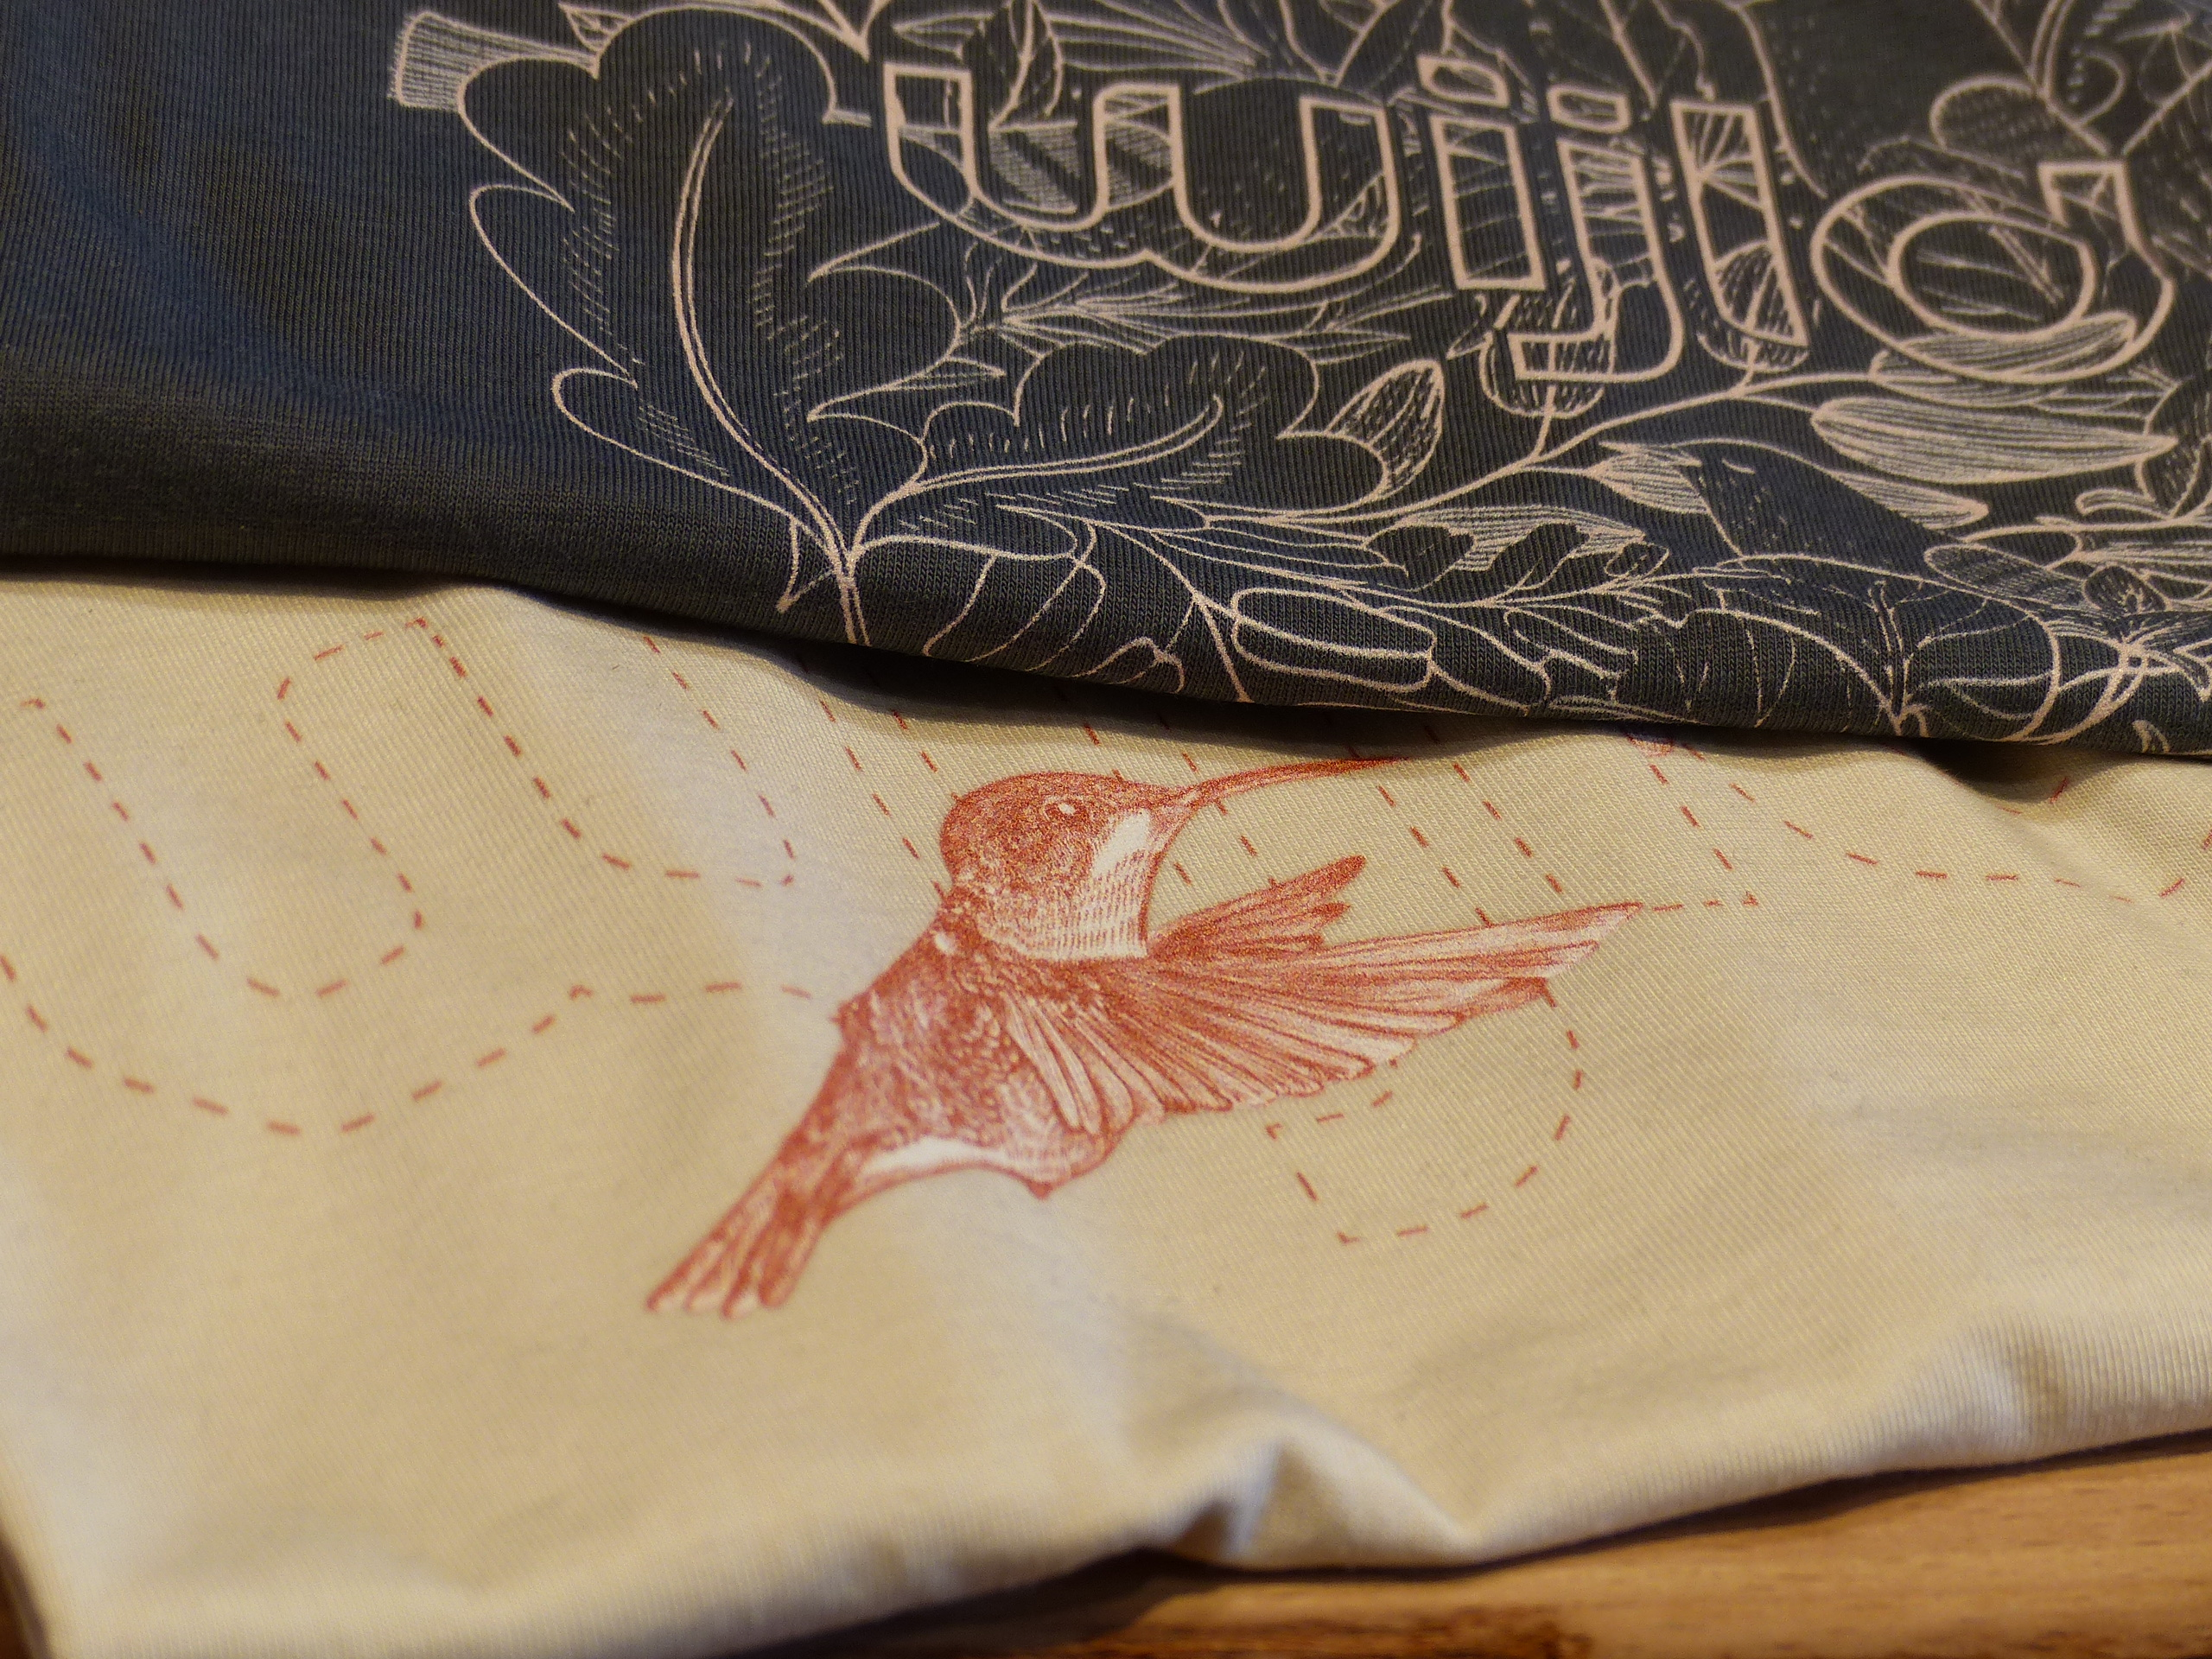 «wijld» arbeitet mit einem grenzüberschreitenden Künstlernetzwerk zusammen. Diese Künstler erstellen die kreativen Drucke für die T-Shirt, die auf Nachfrage produziert werden. Mit diesem Credo wollen die Macher der Anonymität der Massenware entgegenwirken.